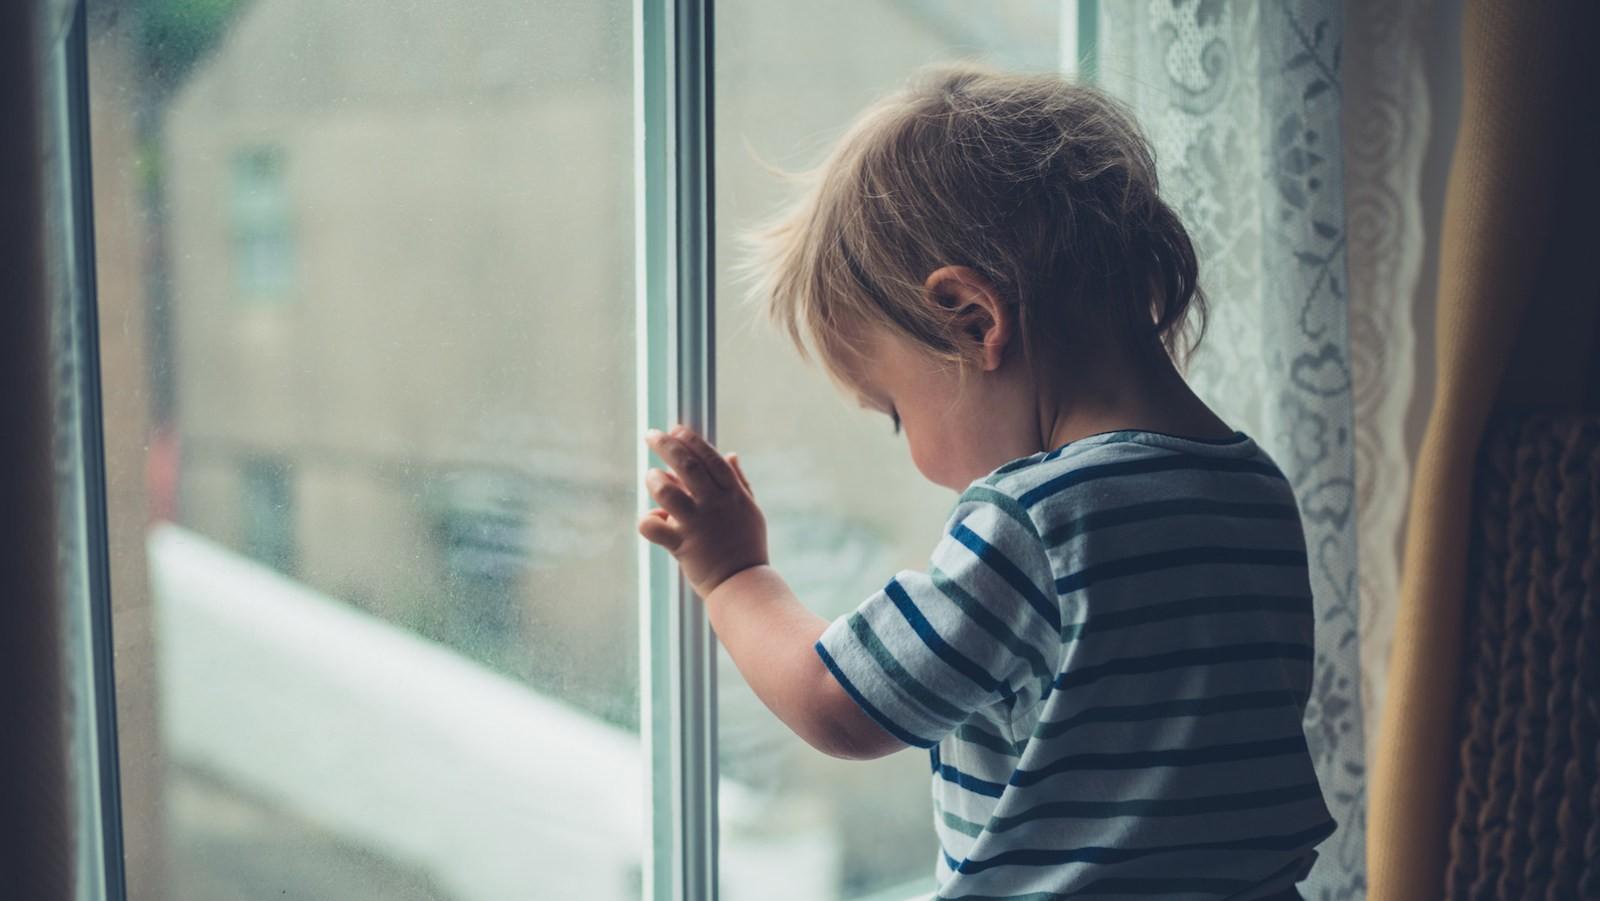 Bambini istituzionalizzati: i principali studi sugli effetti della deprivazione